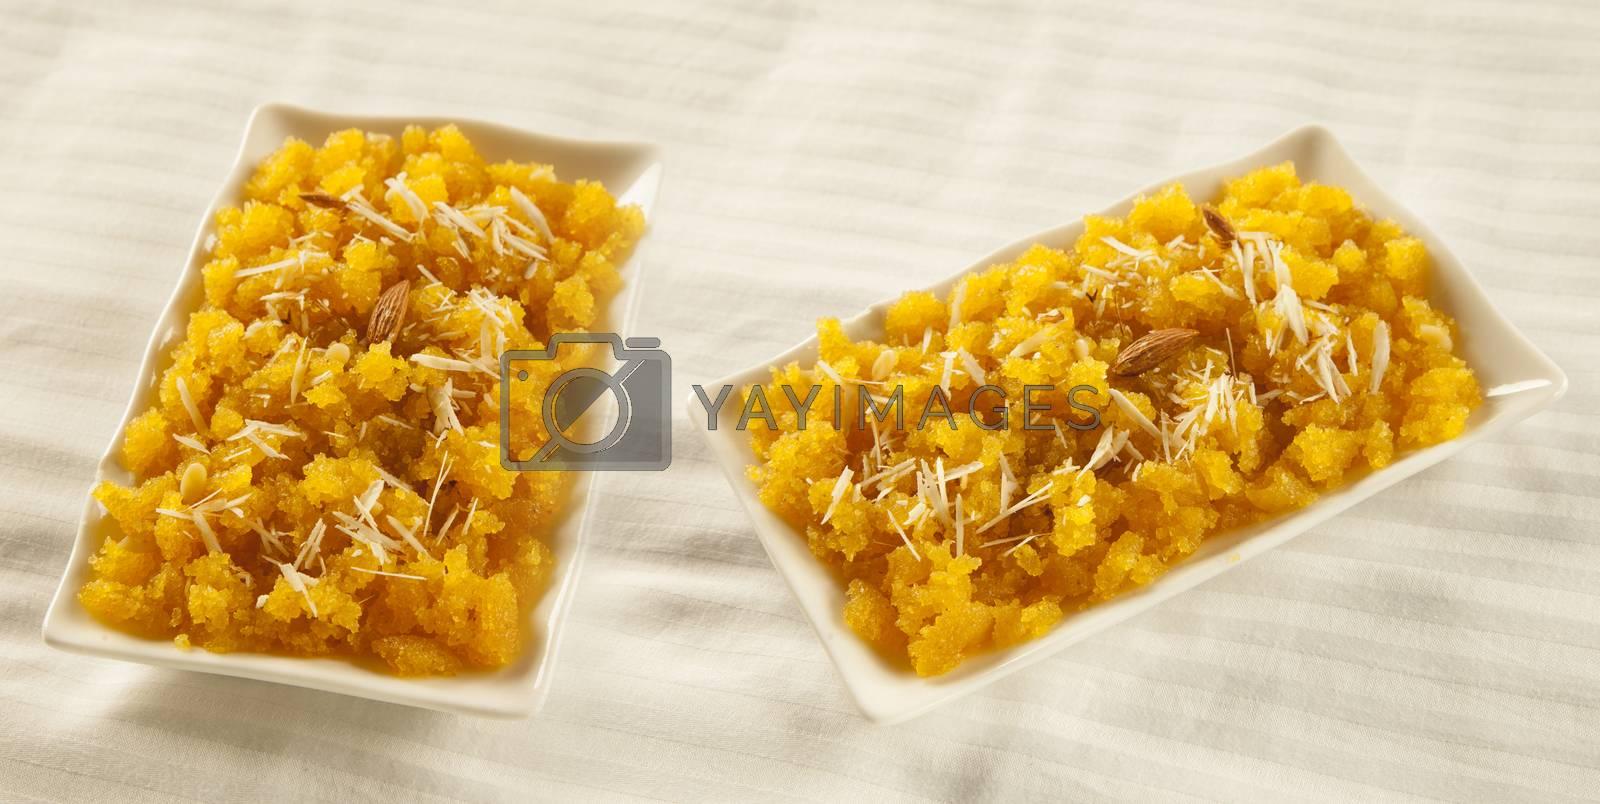 Royalty free image of Suji halwa indian pakistani sweet cuisine  by haiderazim